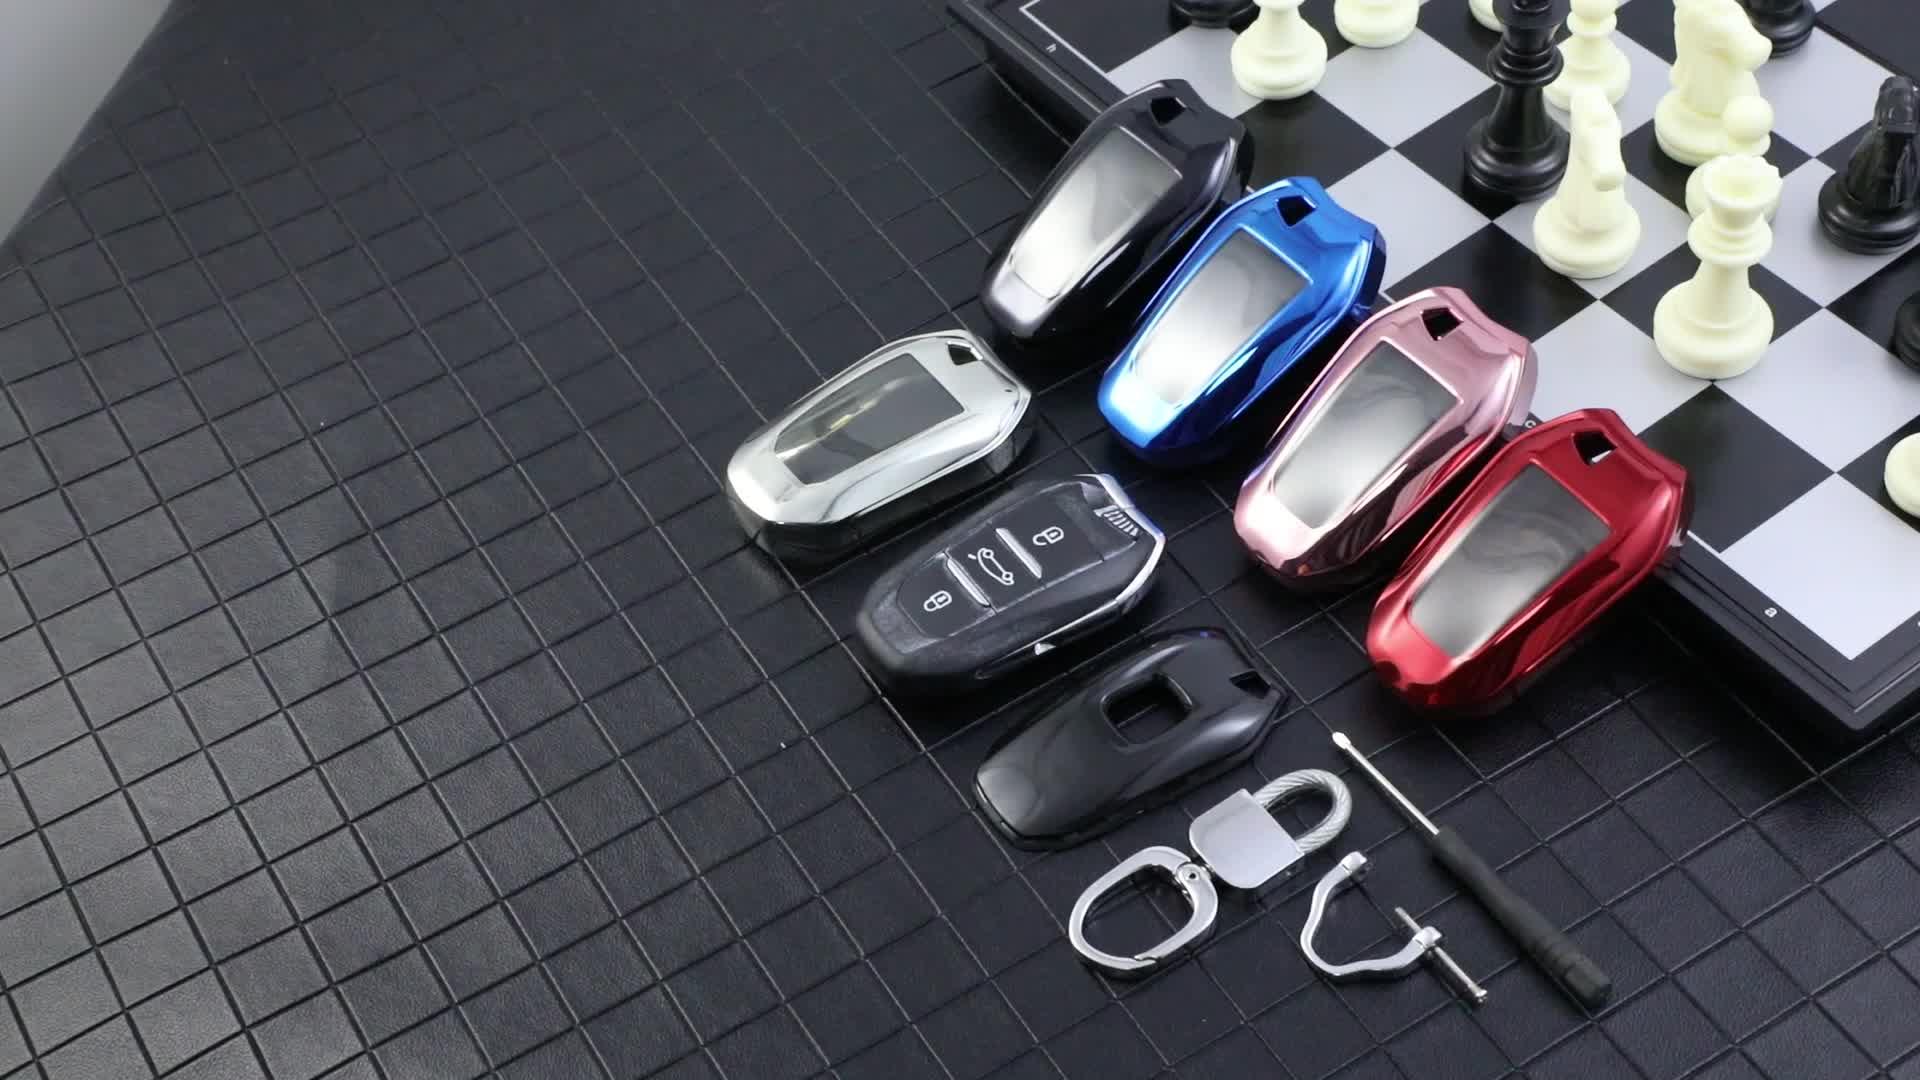 Colorfast TPU 자동차 키 커버 껍질 스킨 푸조 208 308 508 3008 5008 시트로엥 C4 피카소 DS3 DS4 DS5 DS6